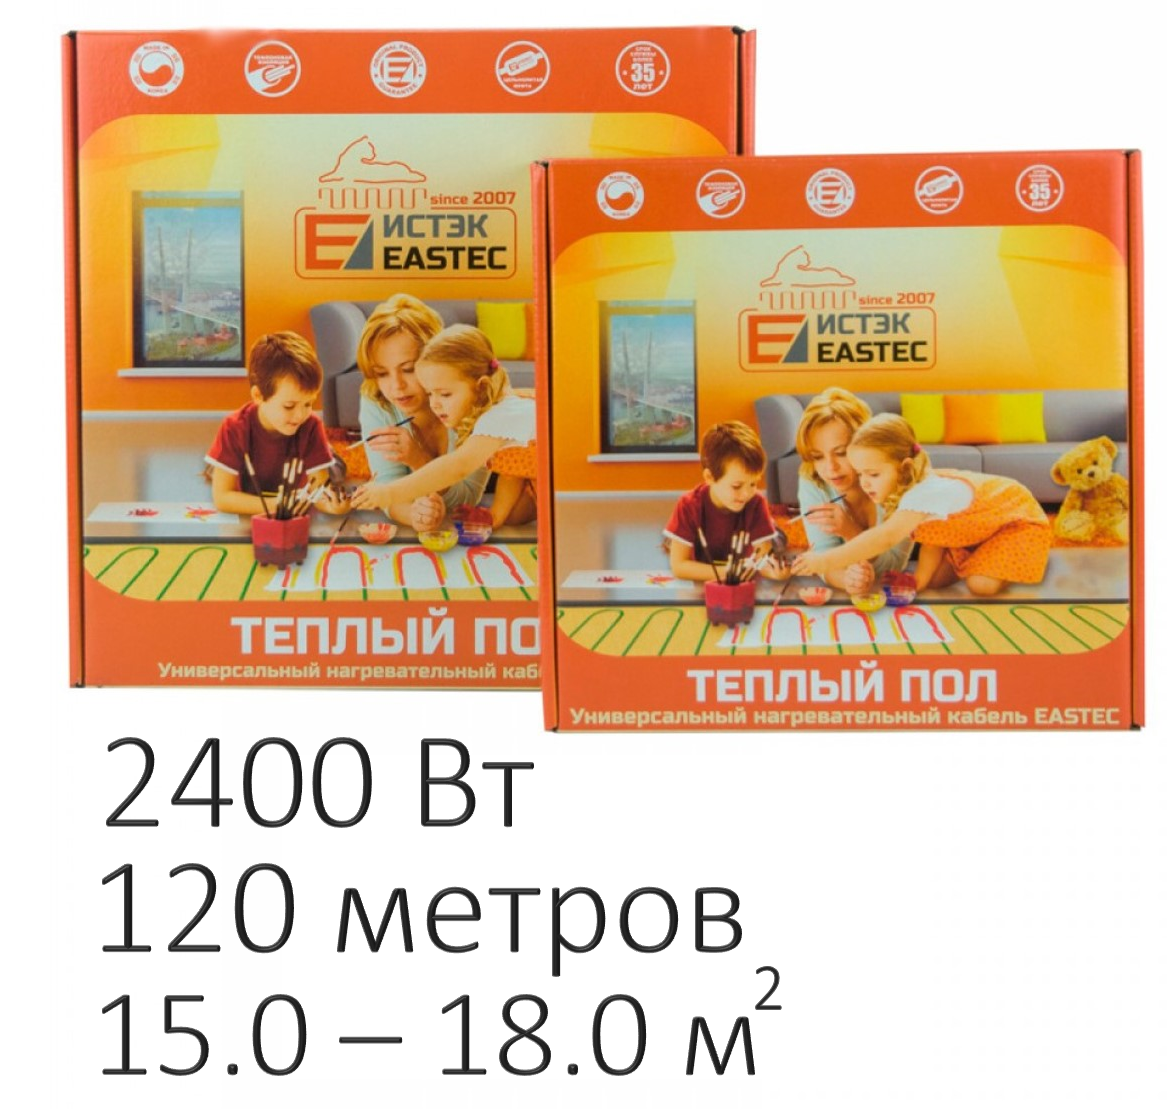 Нагревательный кабель - Eastec ECC-2400 (2400 Вт, 120 м)